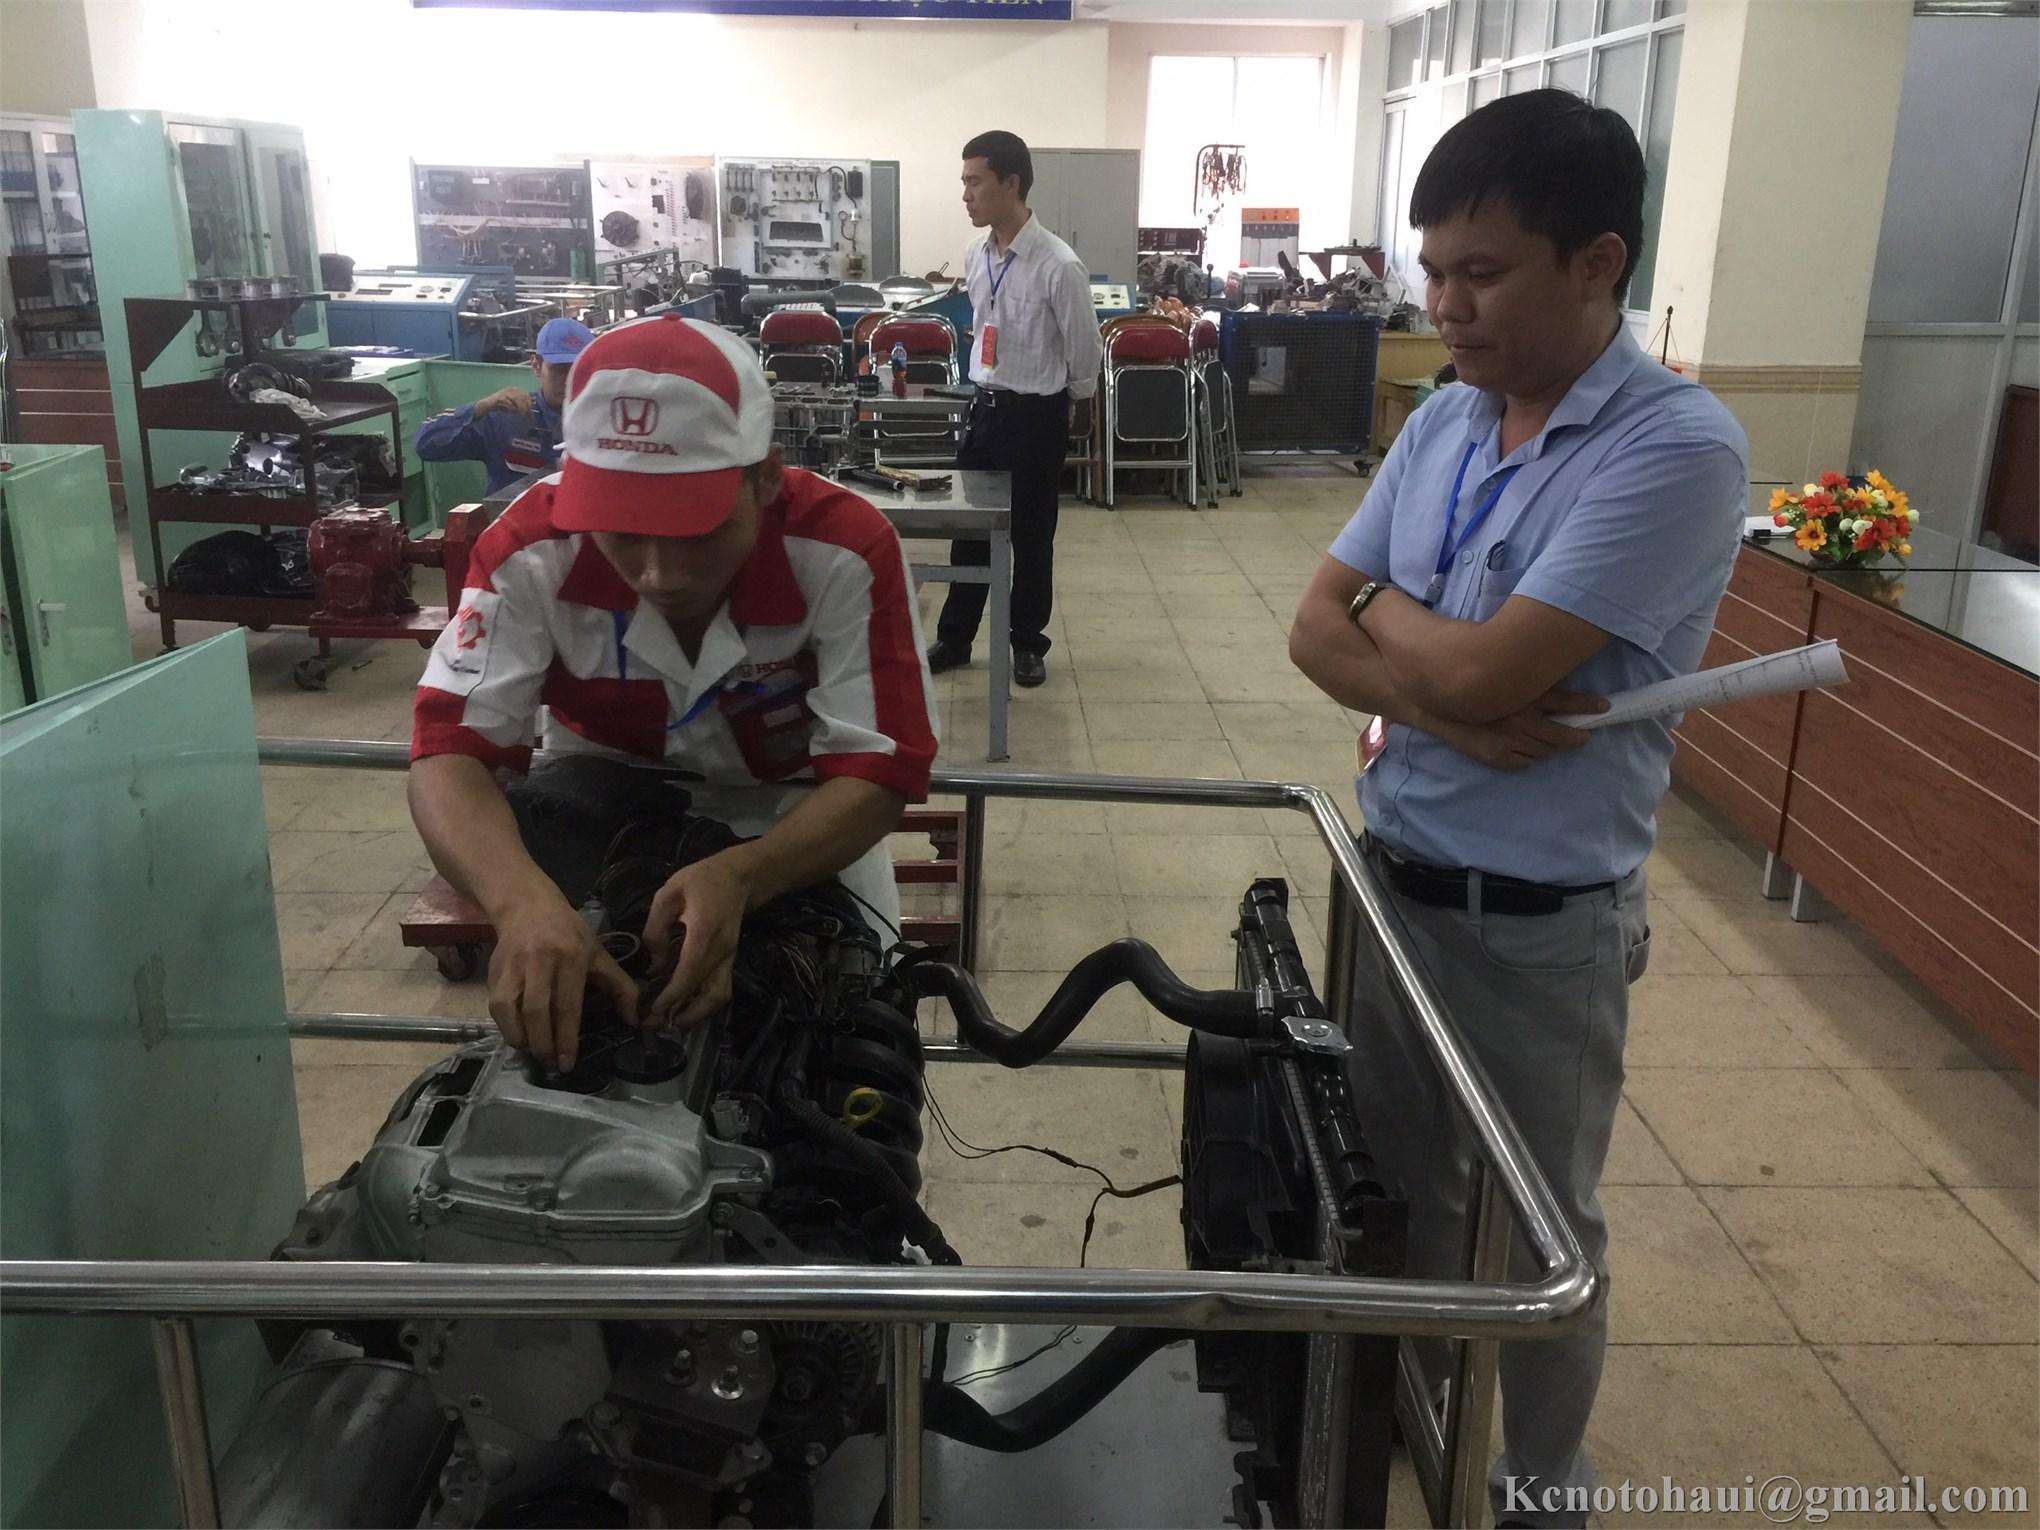 Hội thi Thợ giỏi thành phố Hà Nội năm 2019 nghề Công nghệ ô tô